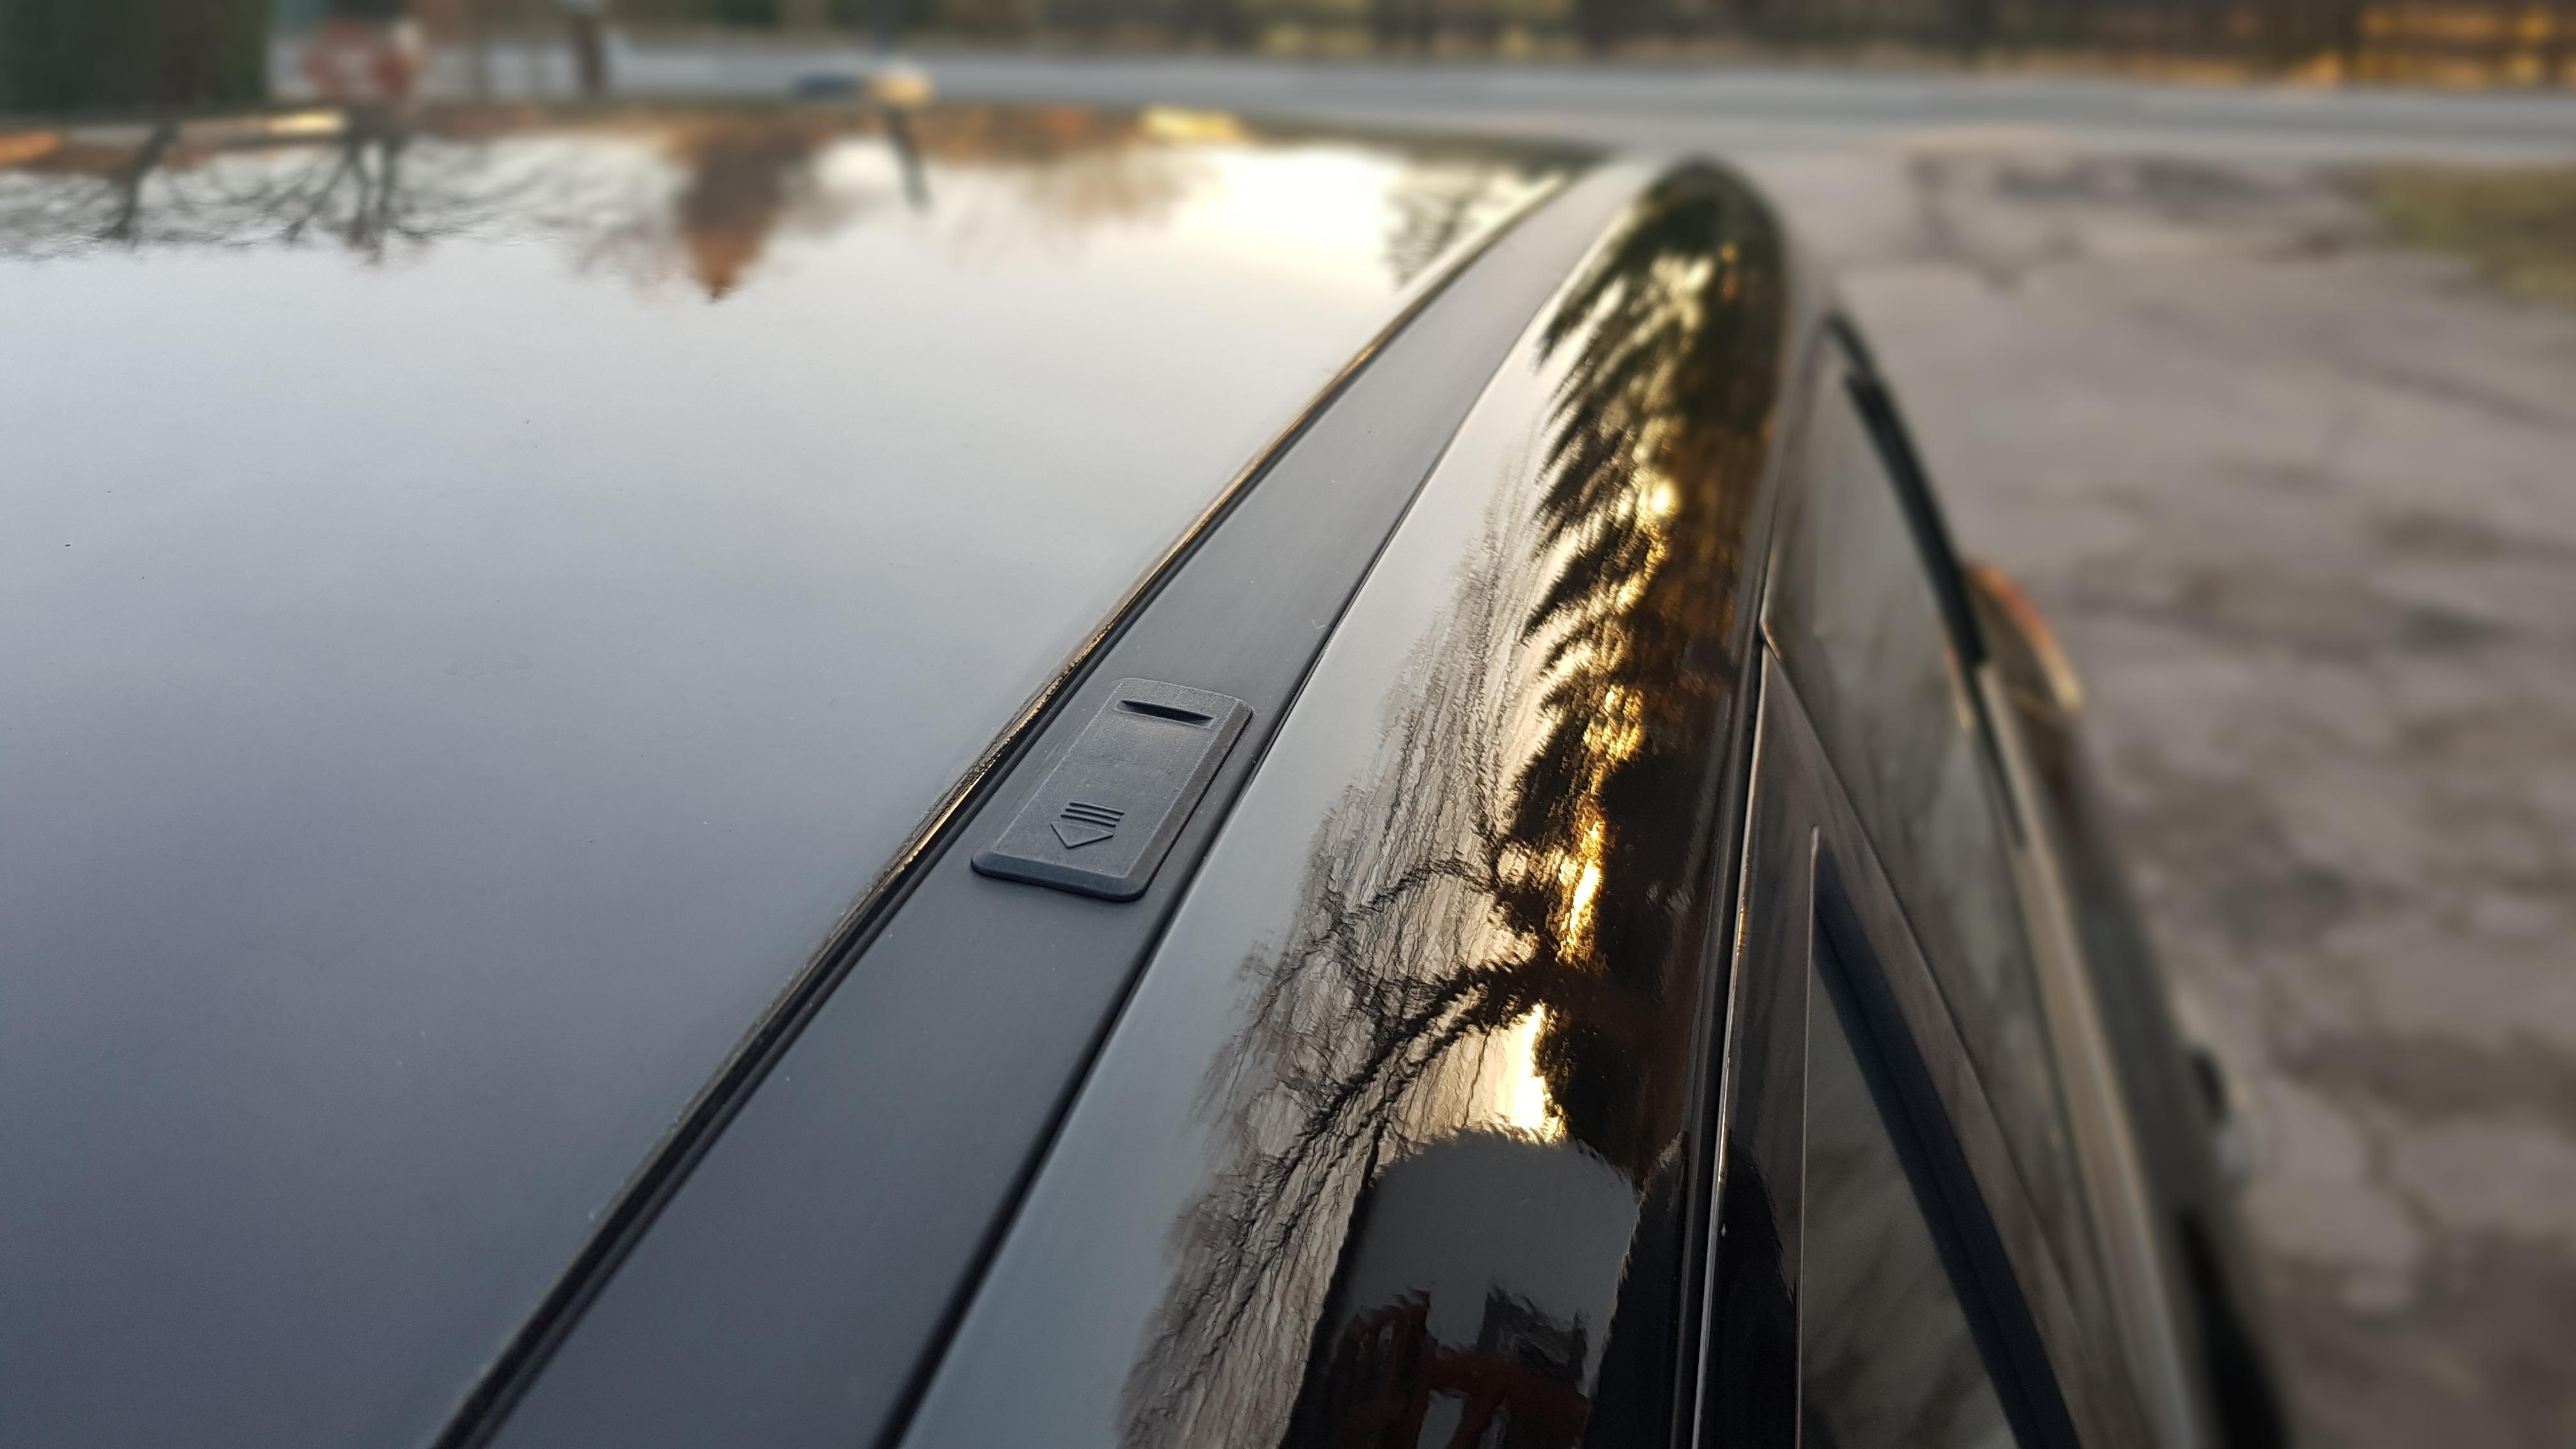 Fixpunkte zur Dachträgermontage